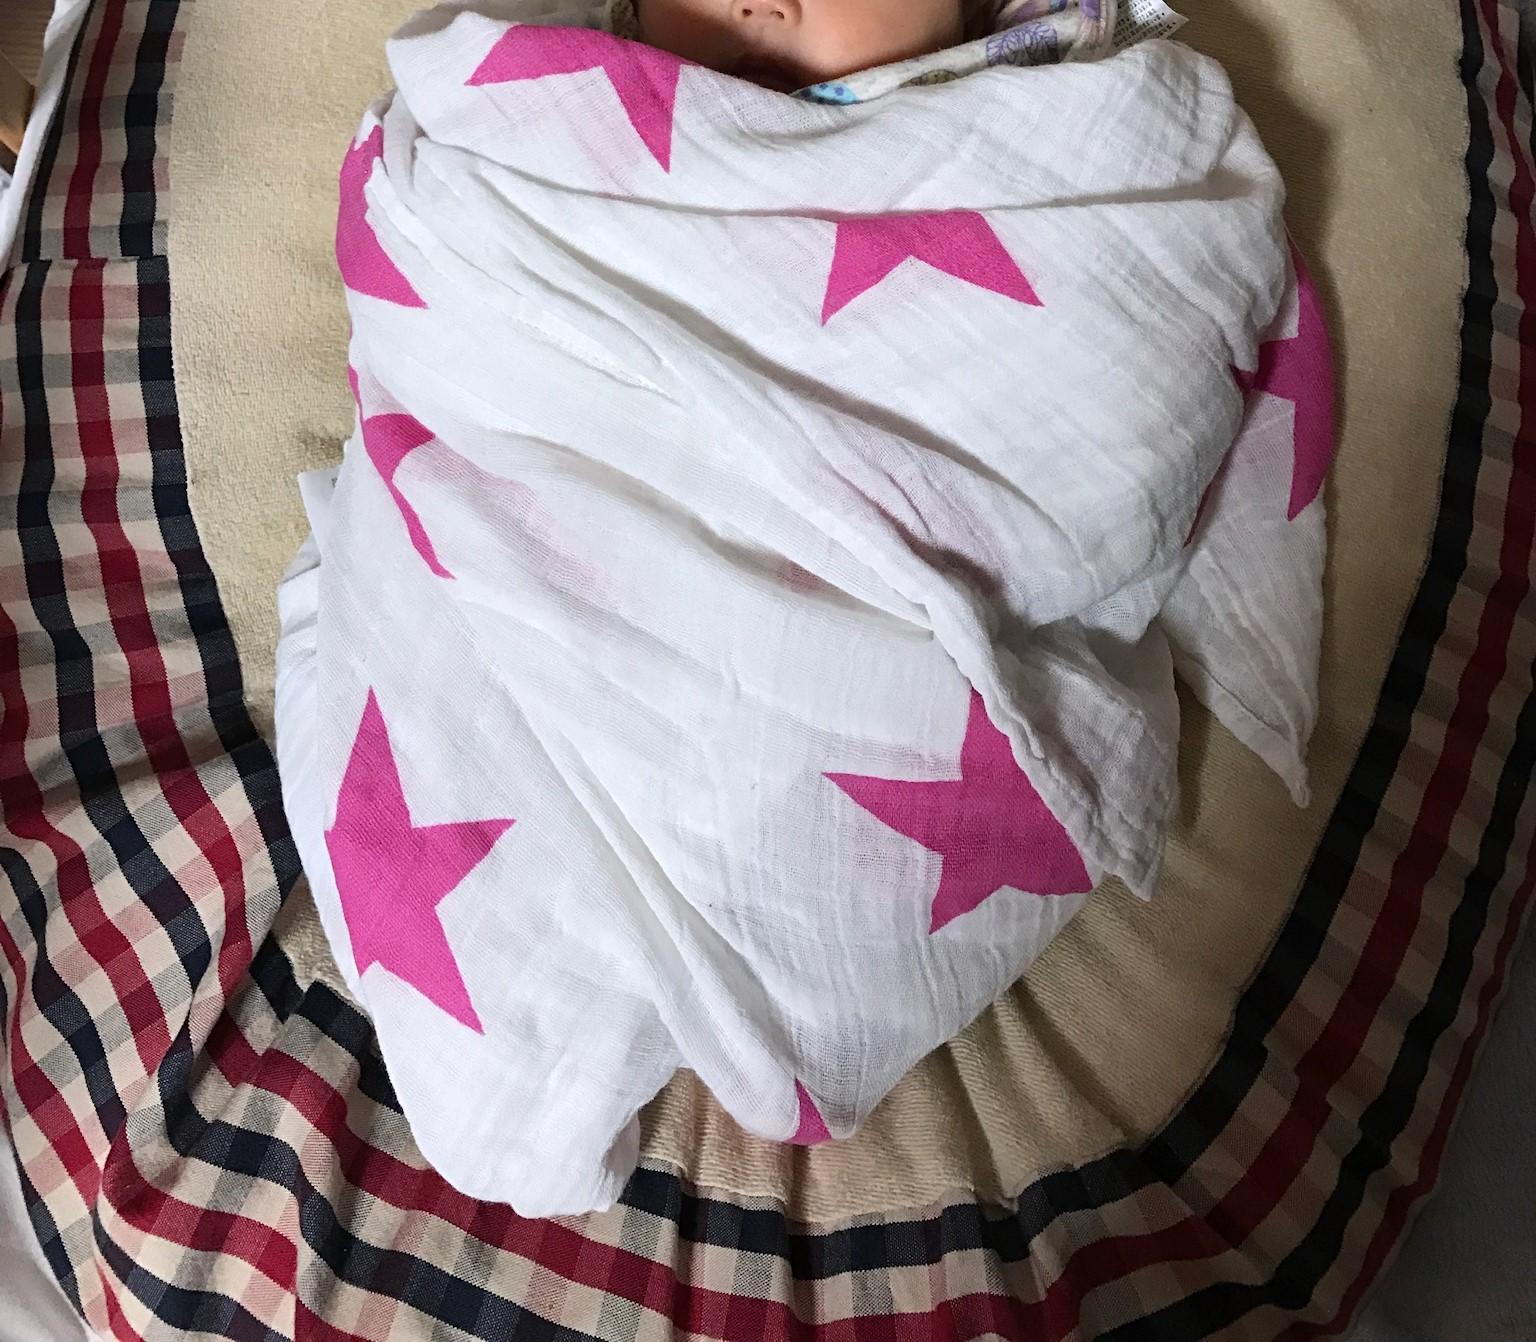 生後4、5か月頃までの寝かしつけには、おくるみ使うと良く寝るよ